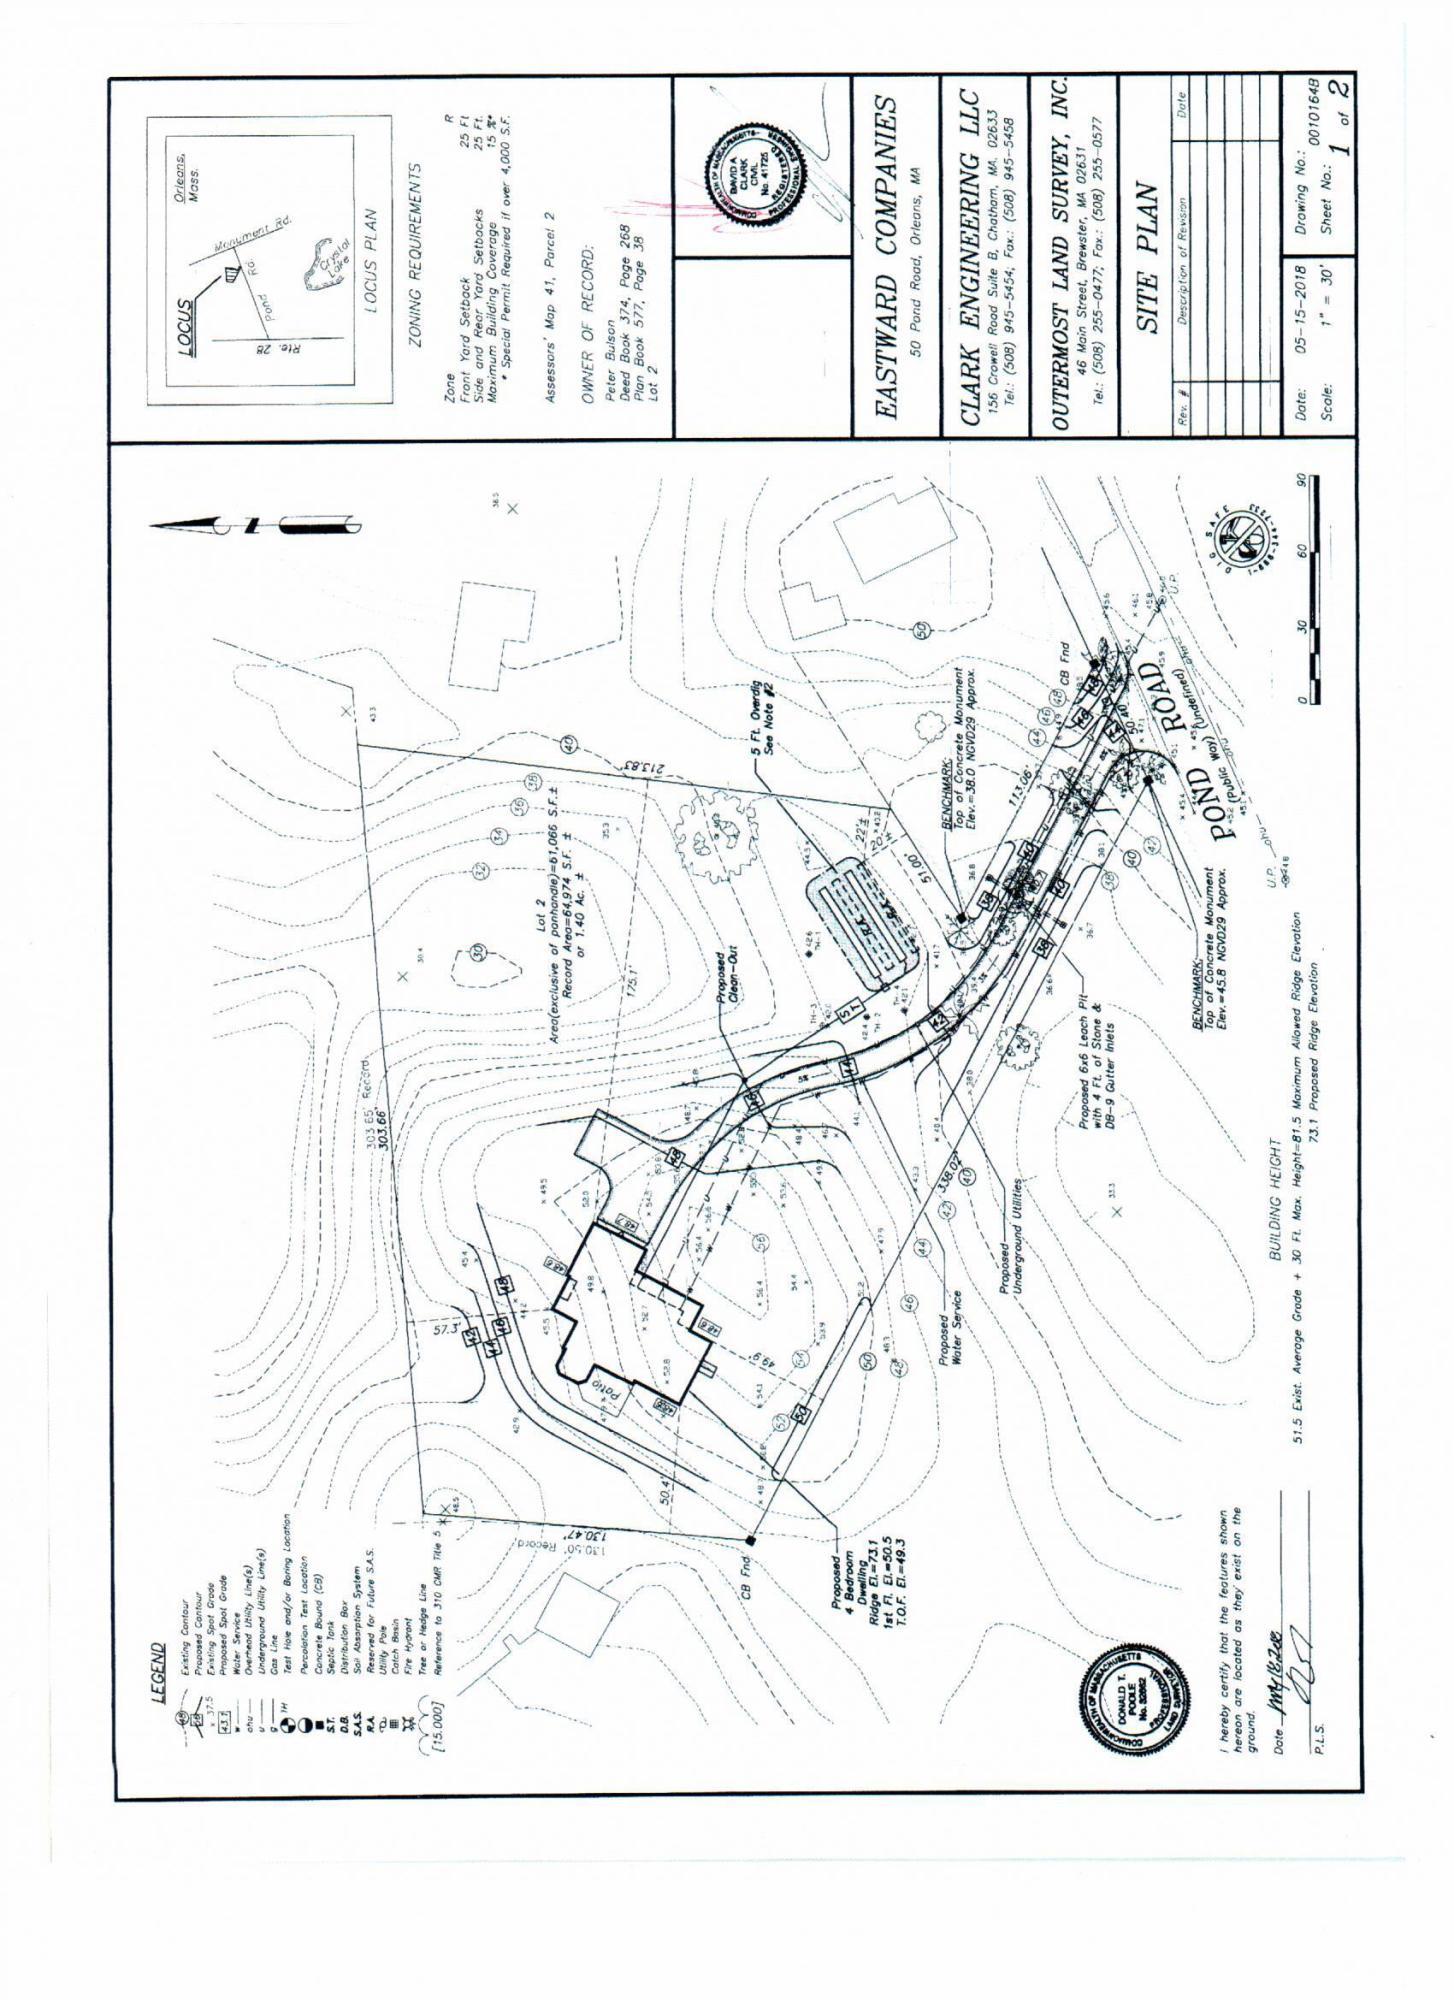 50 Pond Road, Orleans MA, 02653 - slide 4